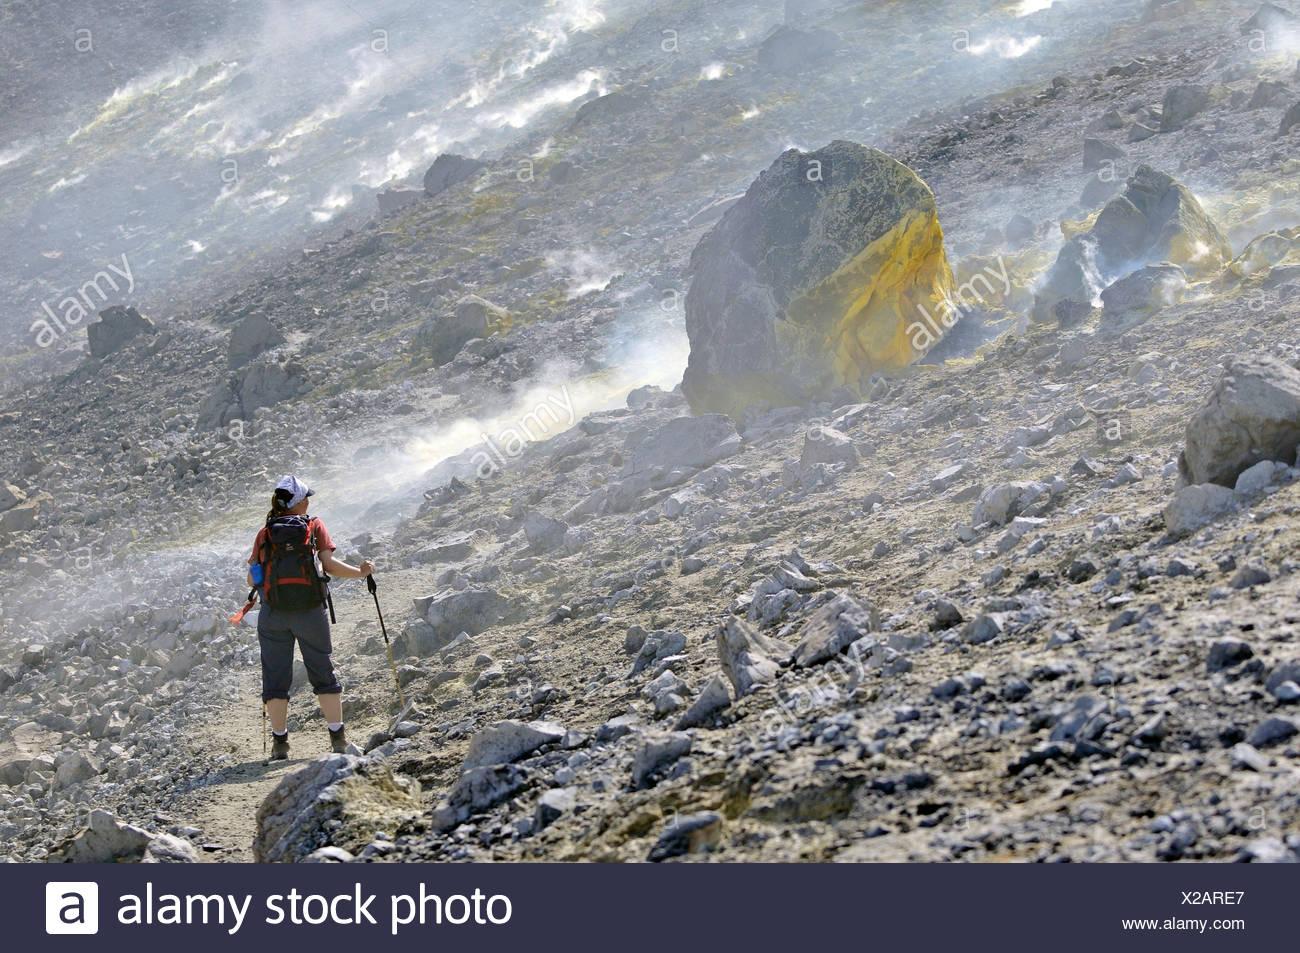 Escursionista trekking attraverso i fumi di zolfo e rocce vulcaniche, isola di Vulcano, Eolie o Lipari Isole, Sicilia, Italia meridionale, Italia Immagini Stock